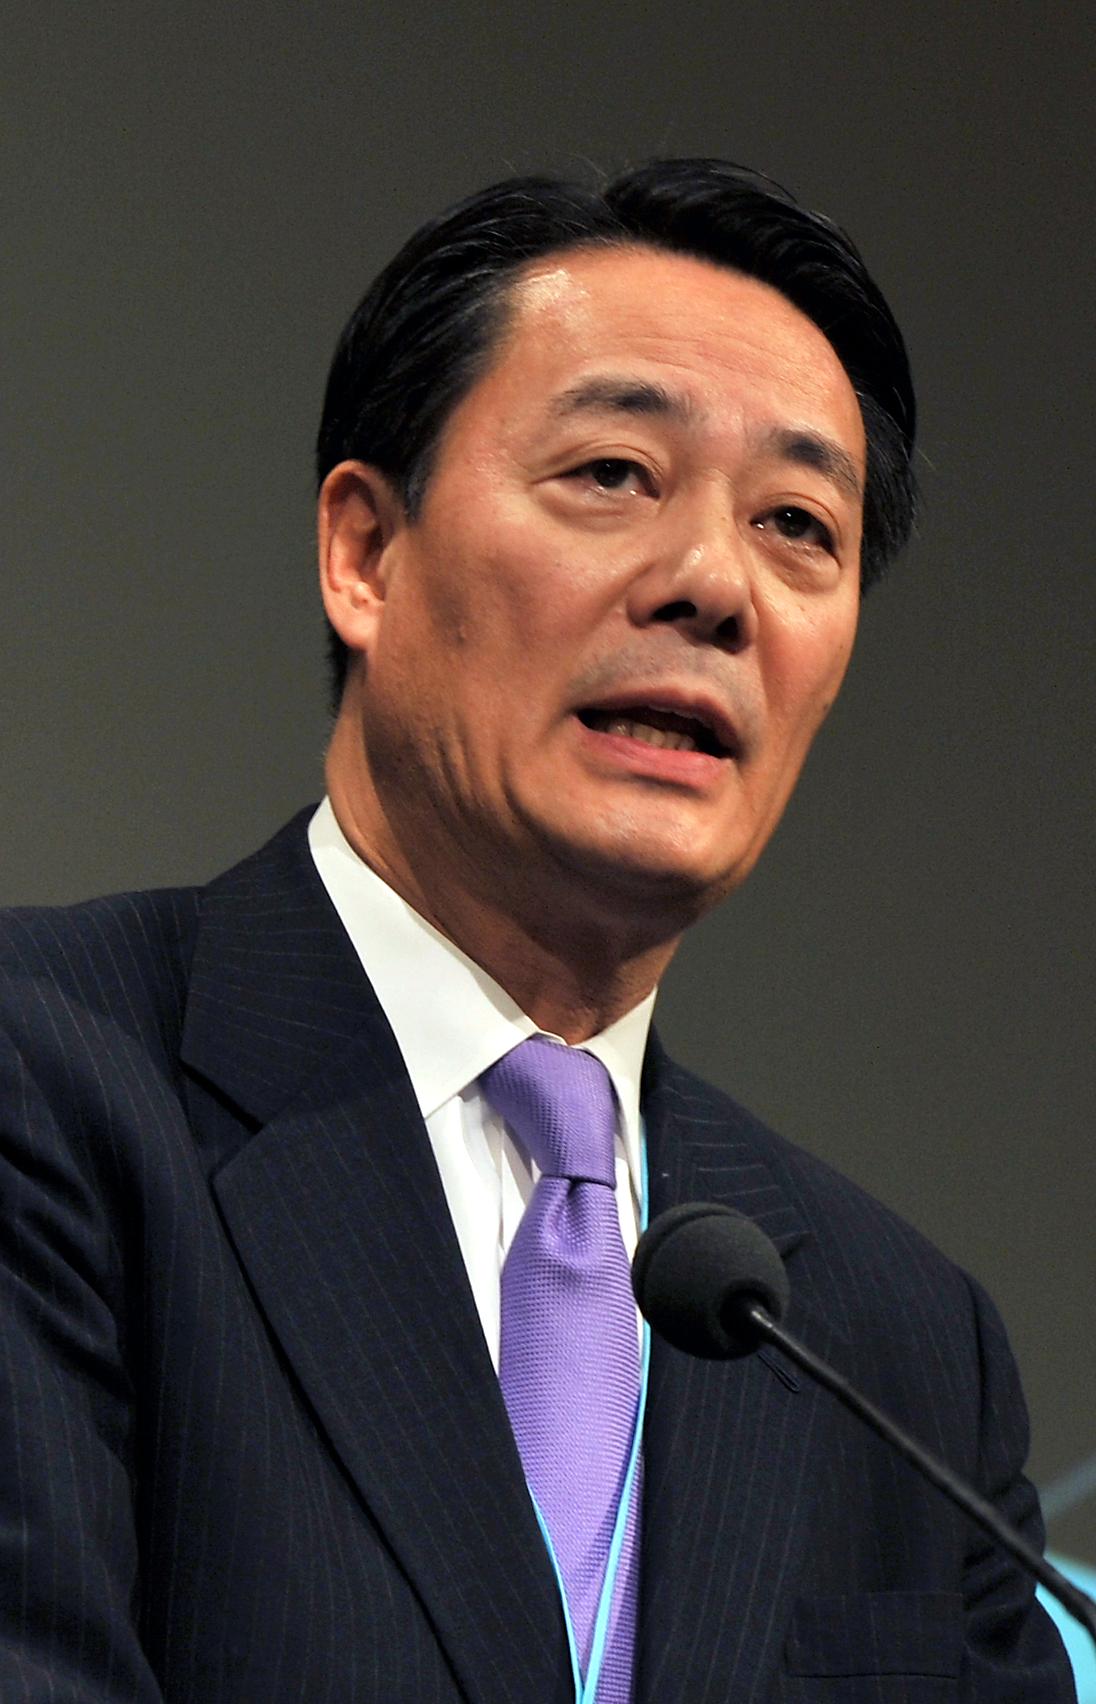 海江田万里 - Wikipedia